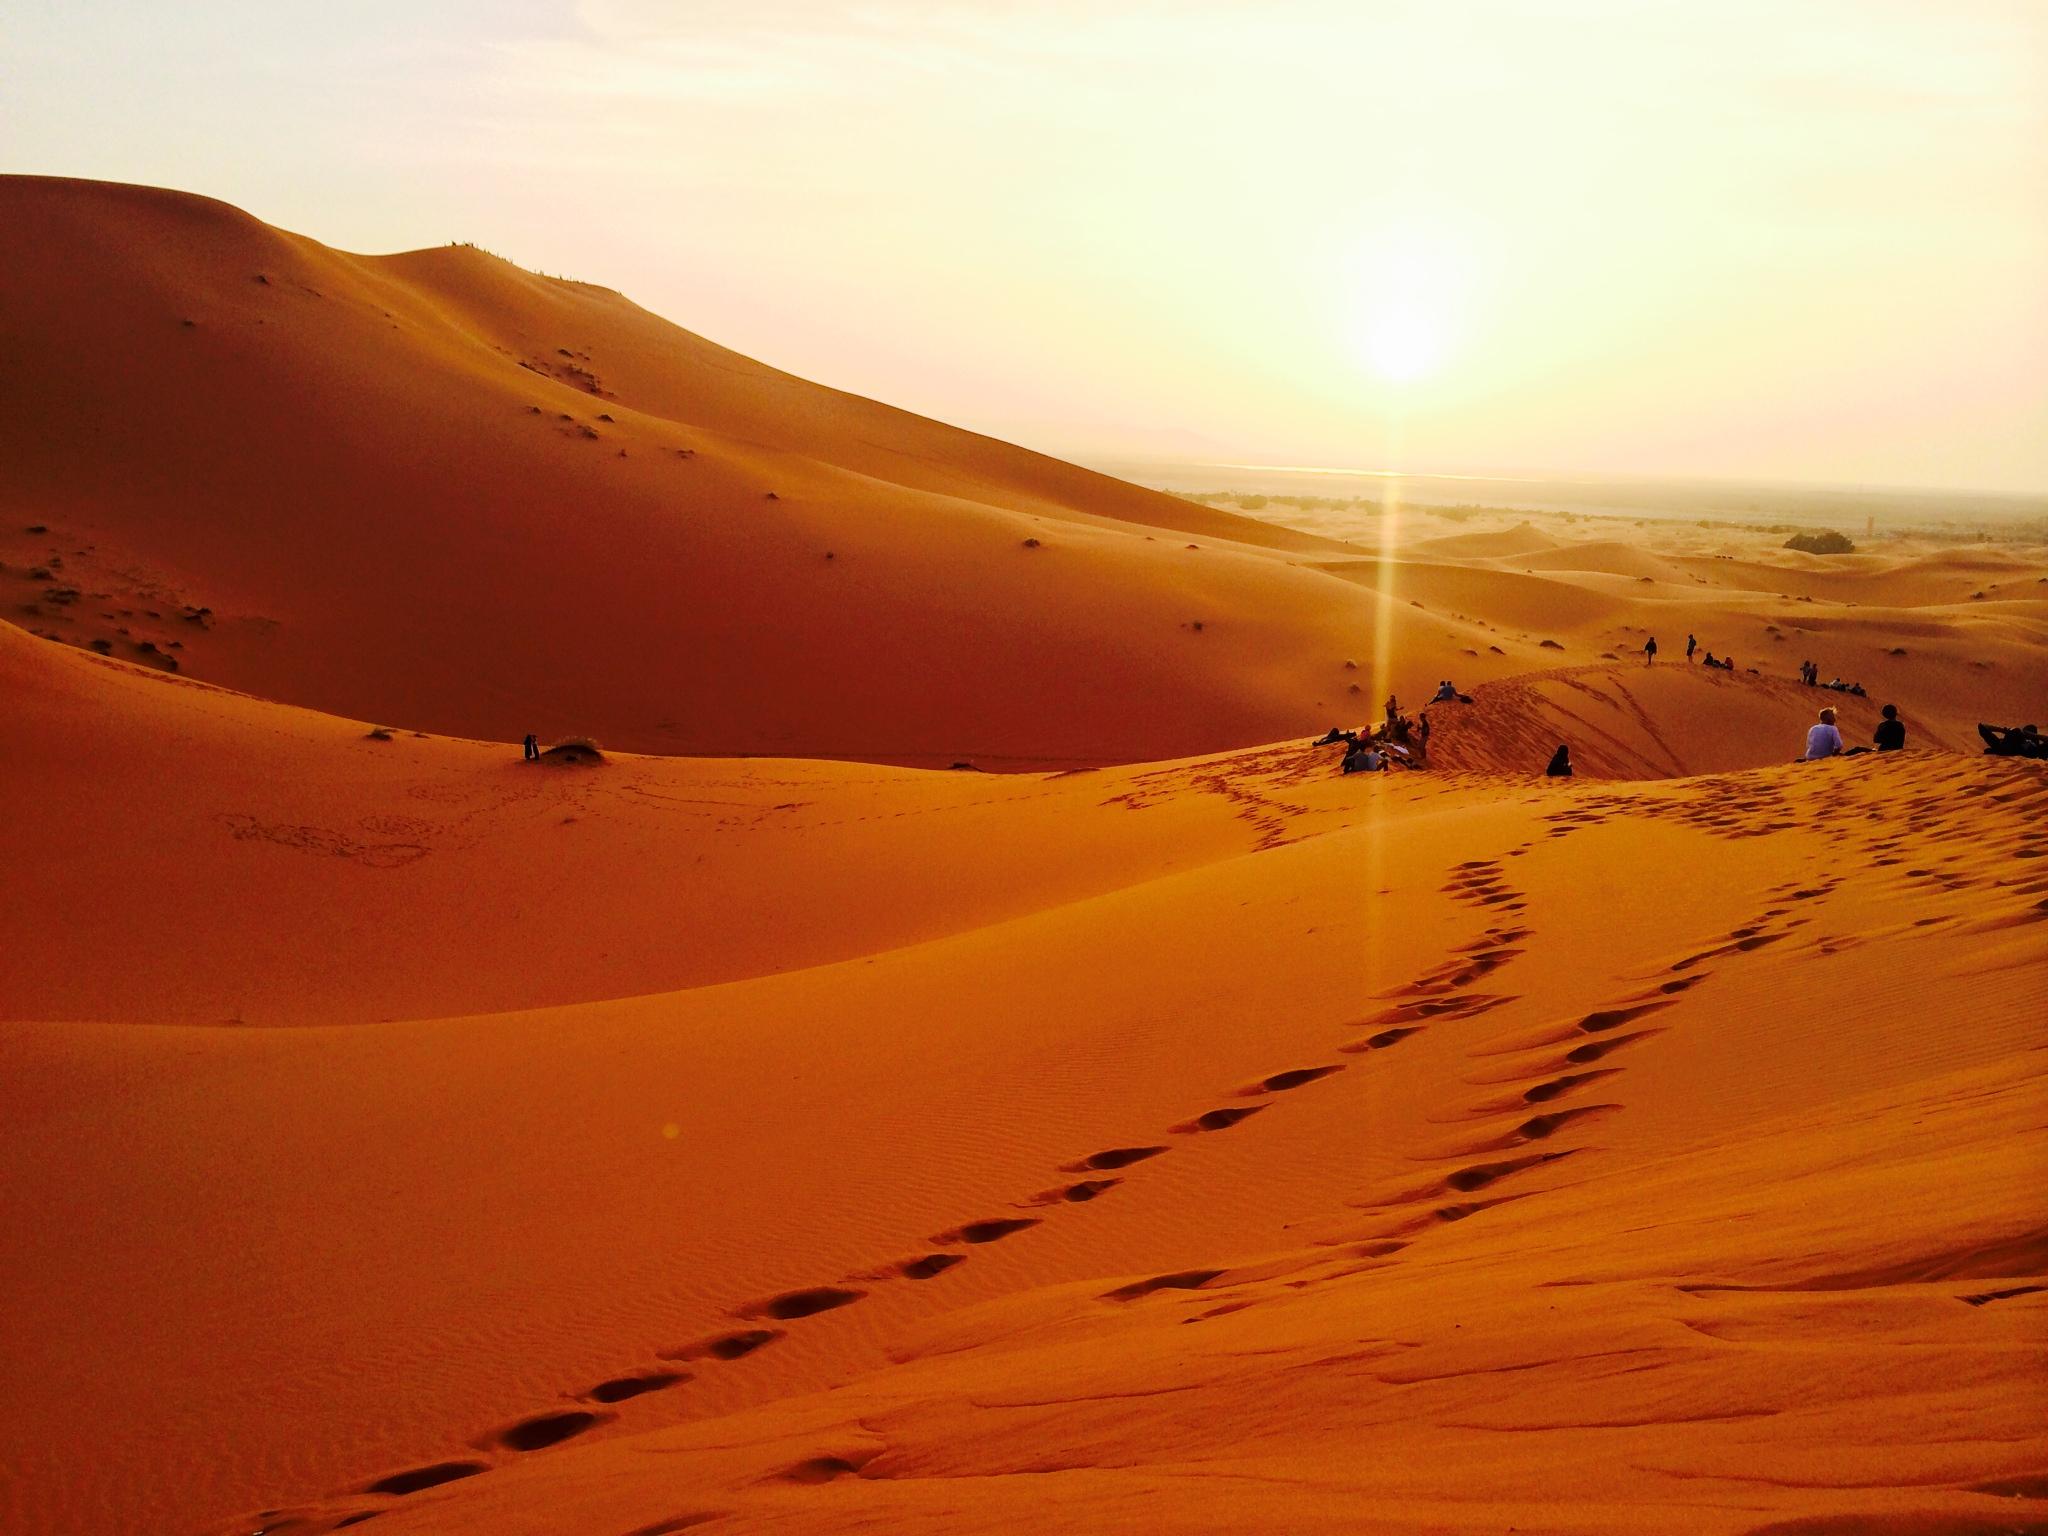 File:Sahara Desert Sunset.JPG - Wikimedia Commons